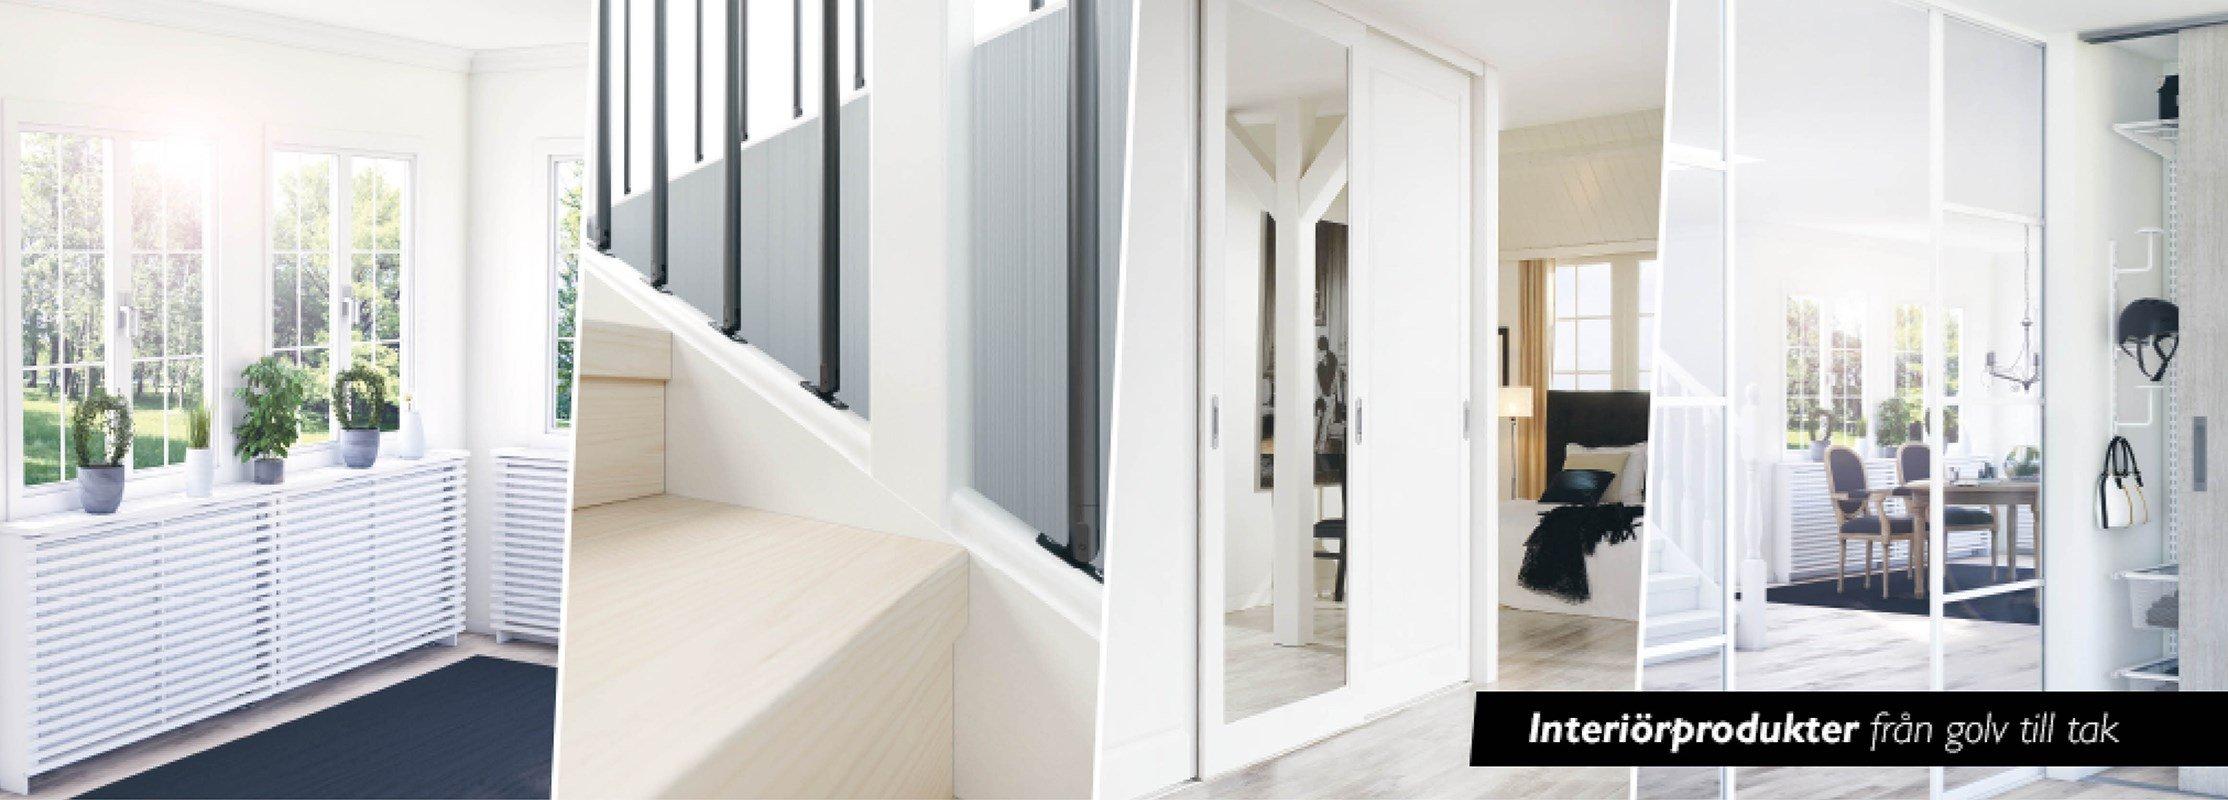 Lundbergs inredningsprodukter - Bygghemma.se : dekorfönster inomhus : Fönster